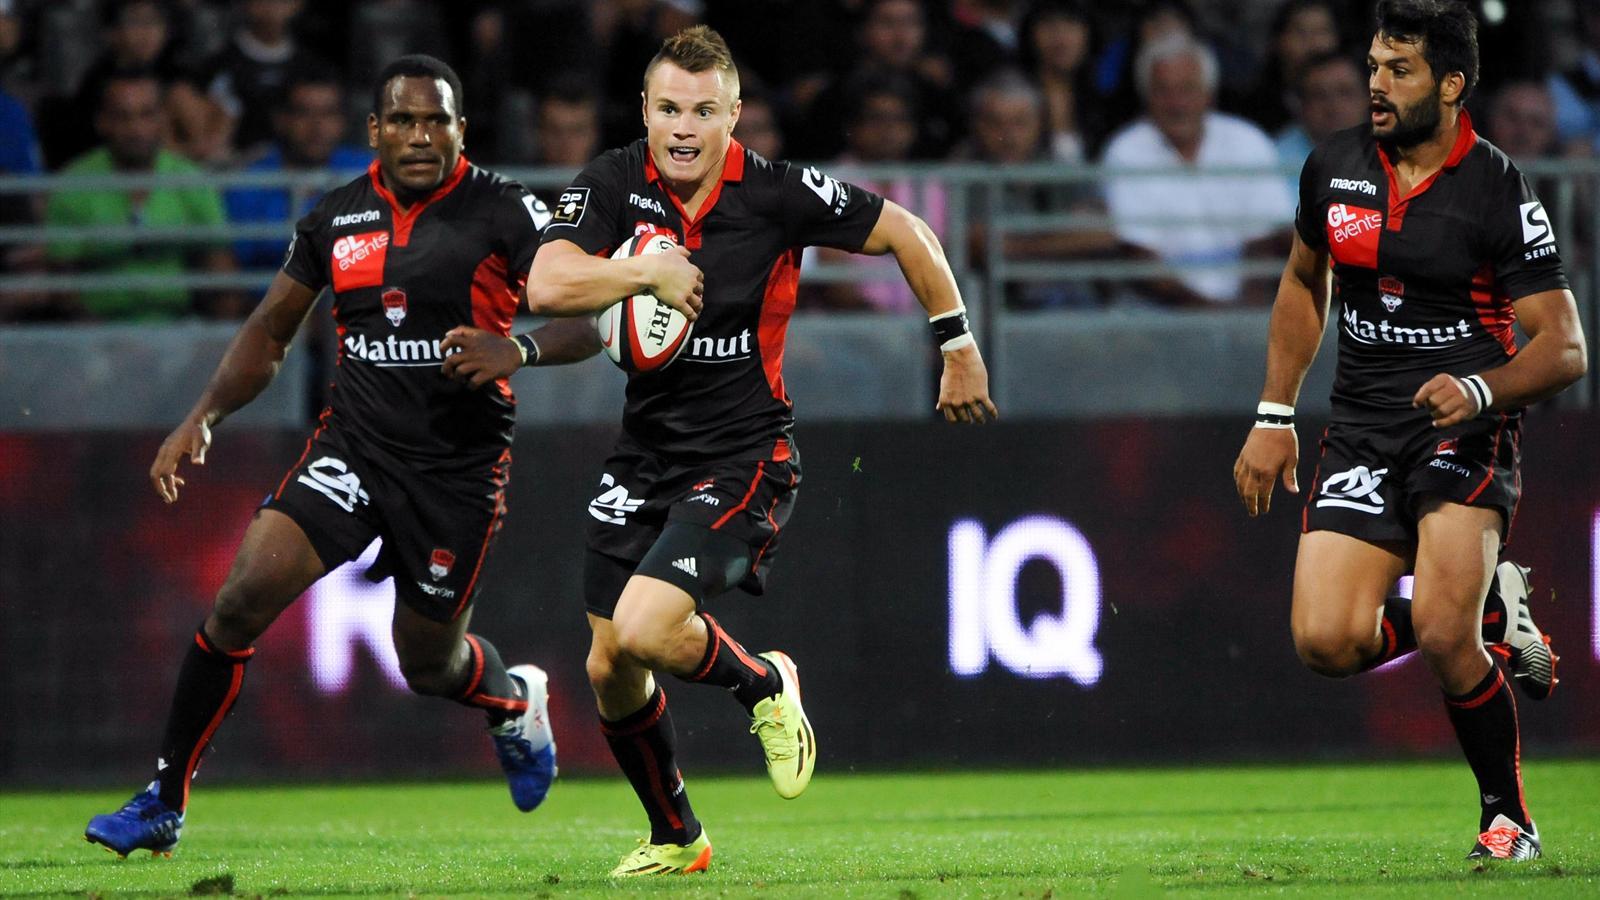 Rugby Lyon OU vs Stade Toulousain en direct live streaming